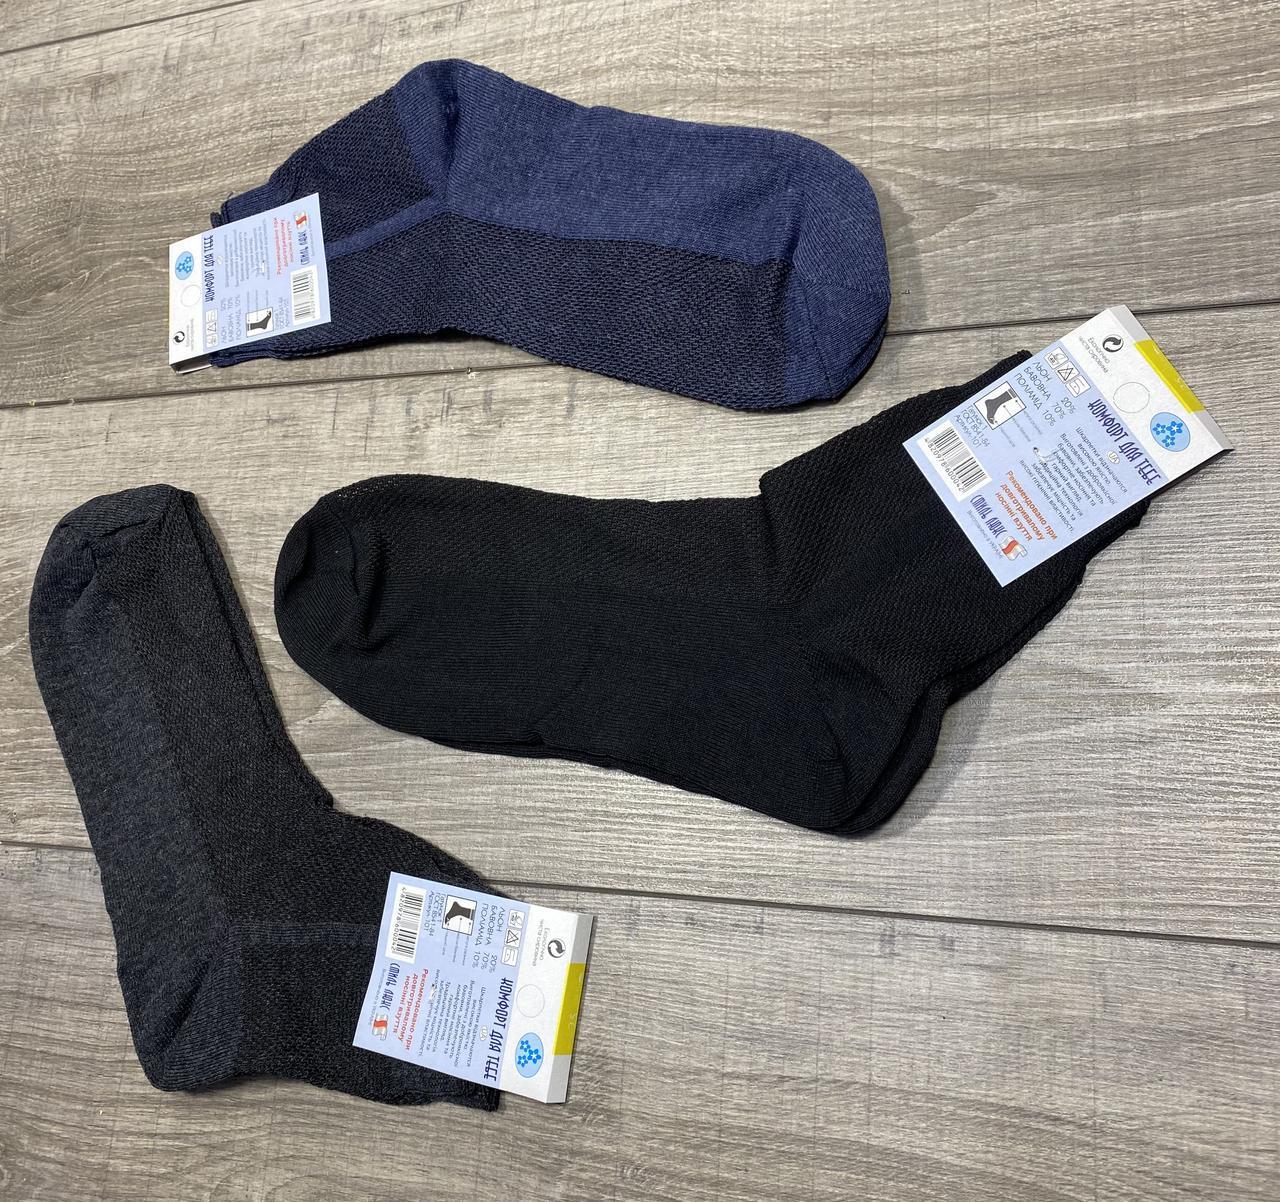 Чоловічі шкарпетки середні Правильний вибір асорті льон сітка розмір 39-41 12 шт в уп